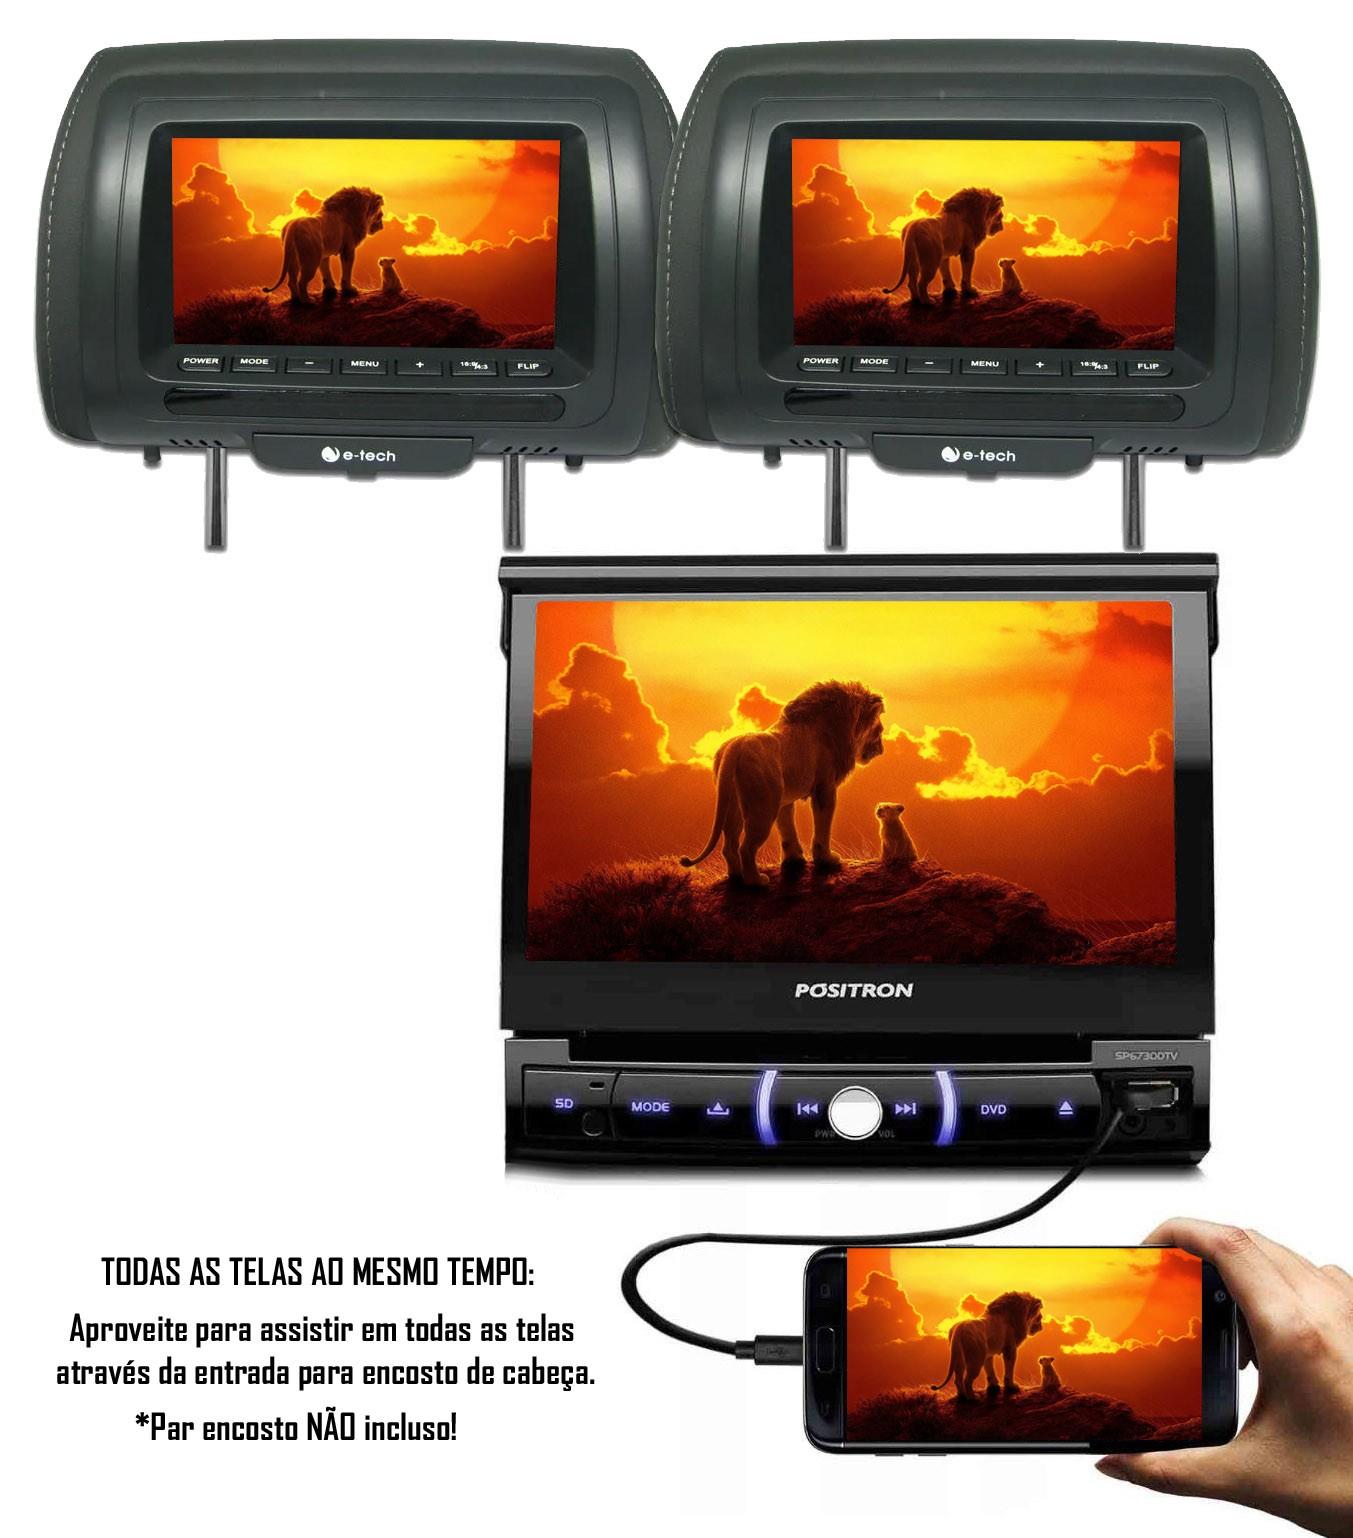 """Multimídia Positron Retrátil SP6730DTV 1 Din 7"""" Polegadas TV Digital Integrada USB Bluetooth Espelhamento Android SD Card + Câmera de Ré"""